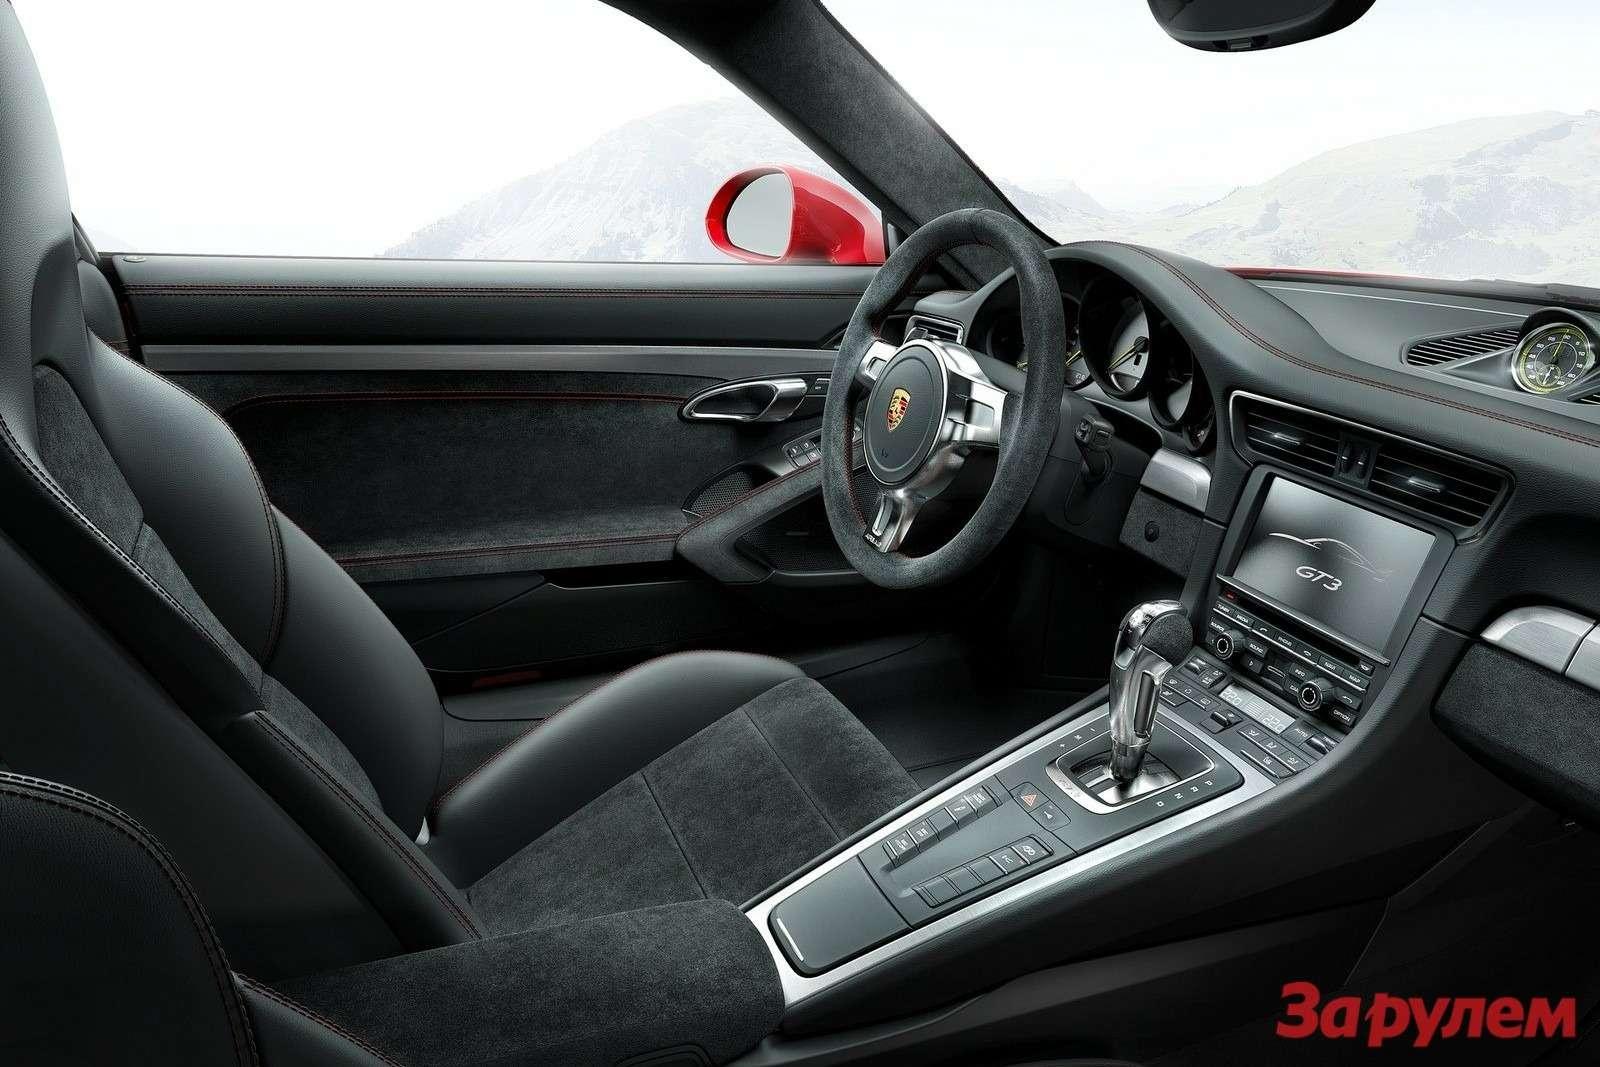 Porsche-911_GT3_2014_1600x1200_wallpaper_0b